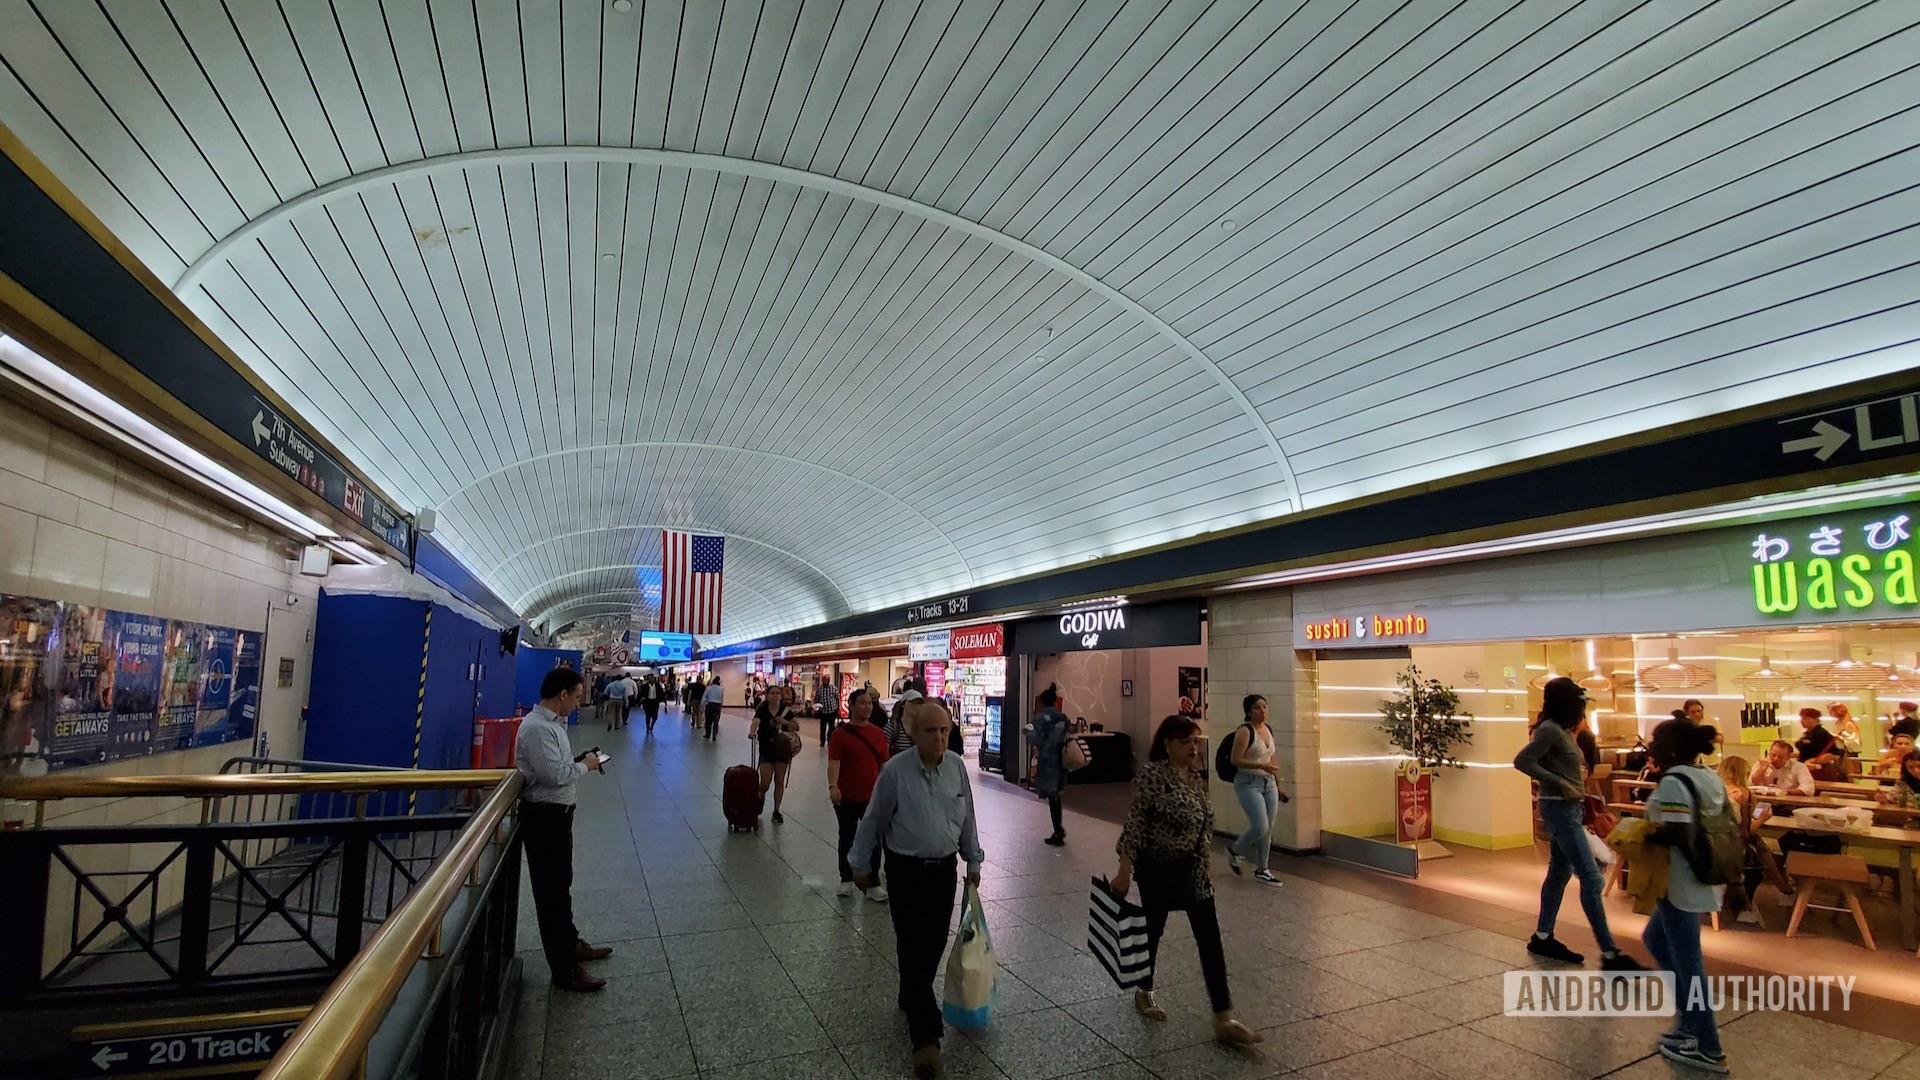 Wide angle penn station